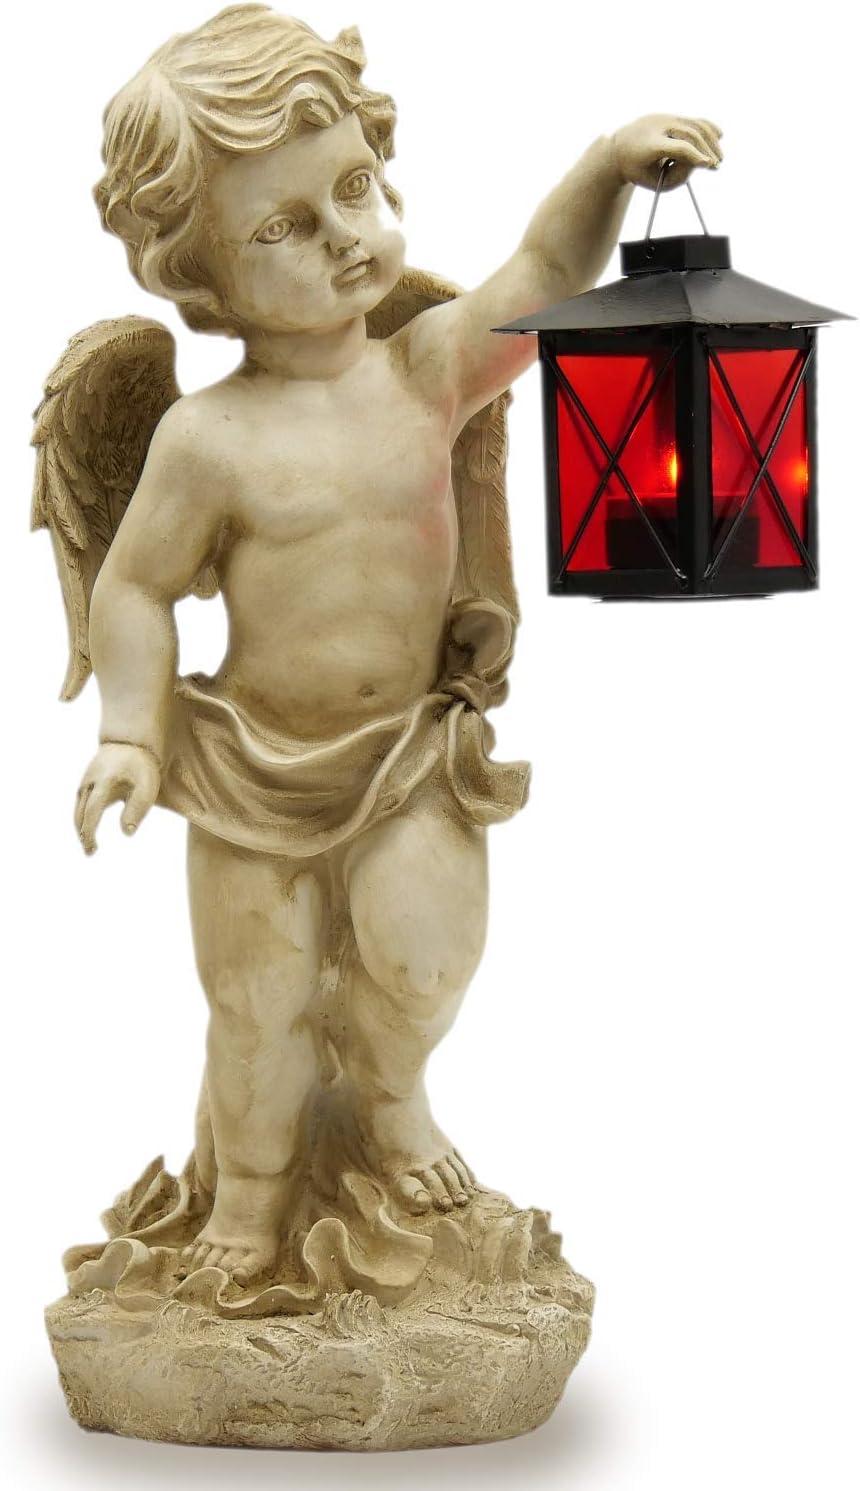 Grabengel Grabschmuck  Engel Figur Grabdeko Friedhof für Grablampe   NEU